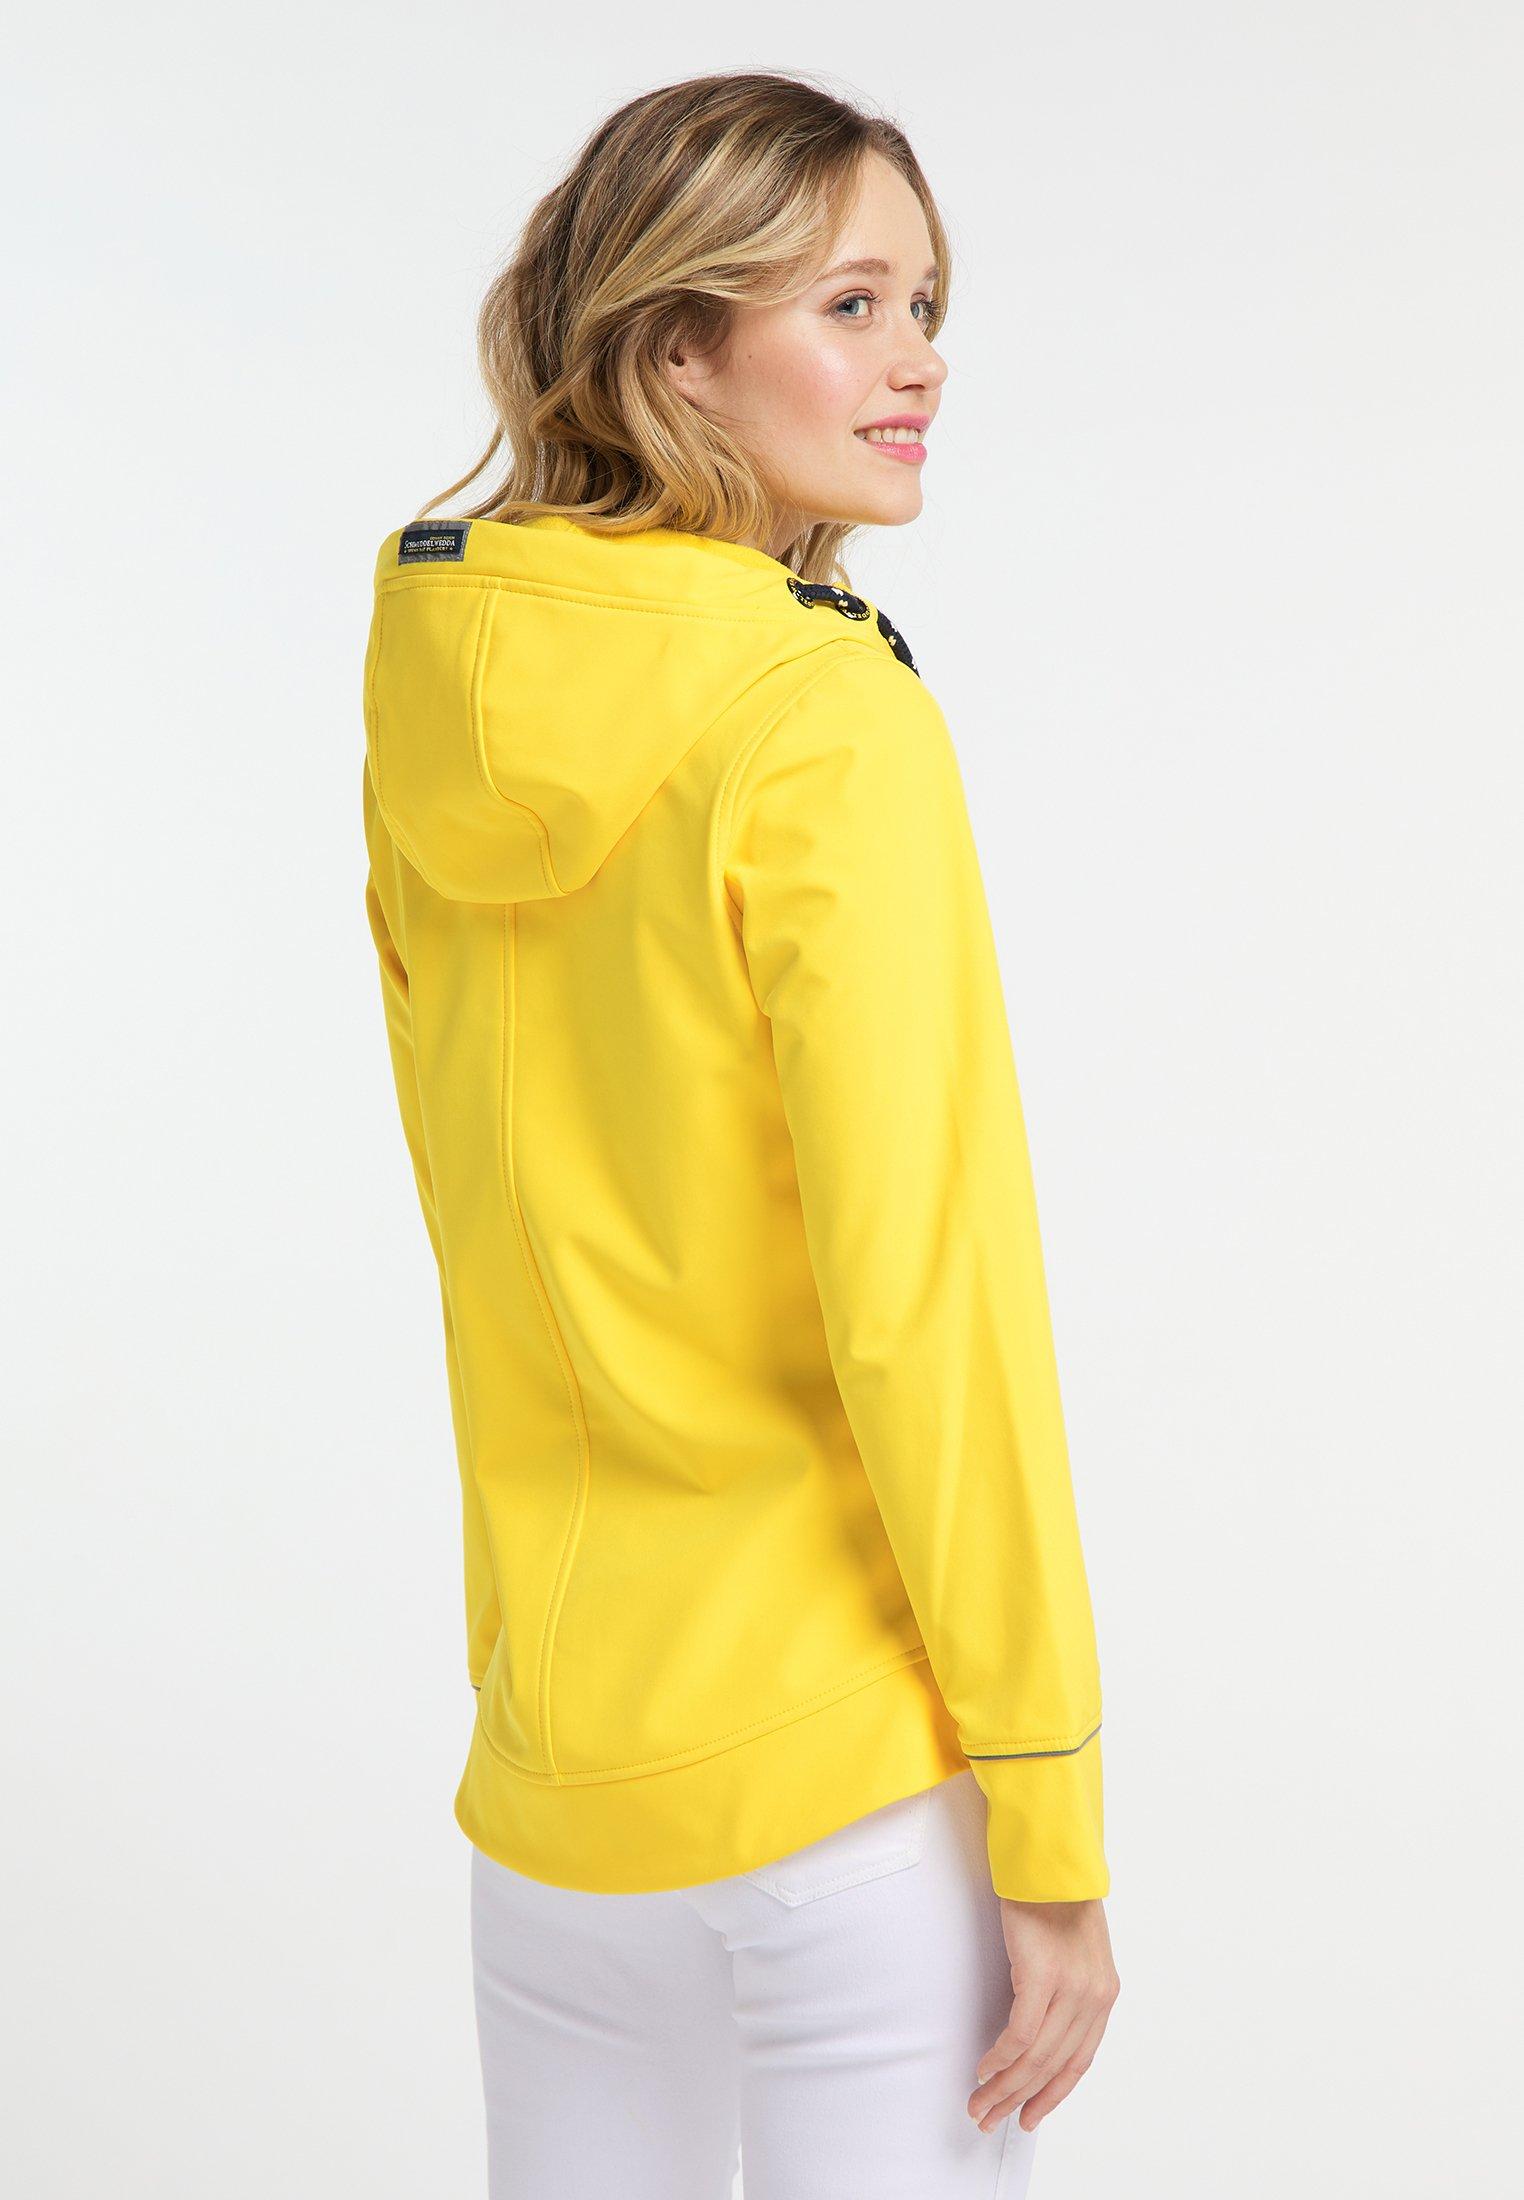 Schmuddelwedda Giacca outdoor - yellow cNEelFhX